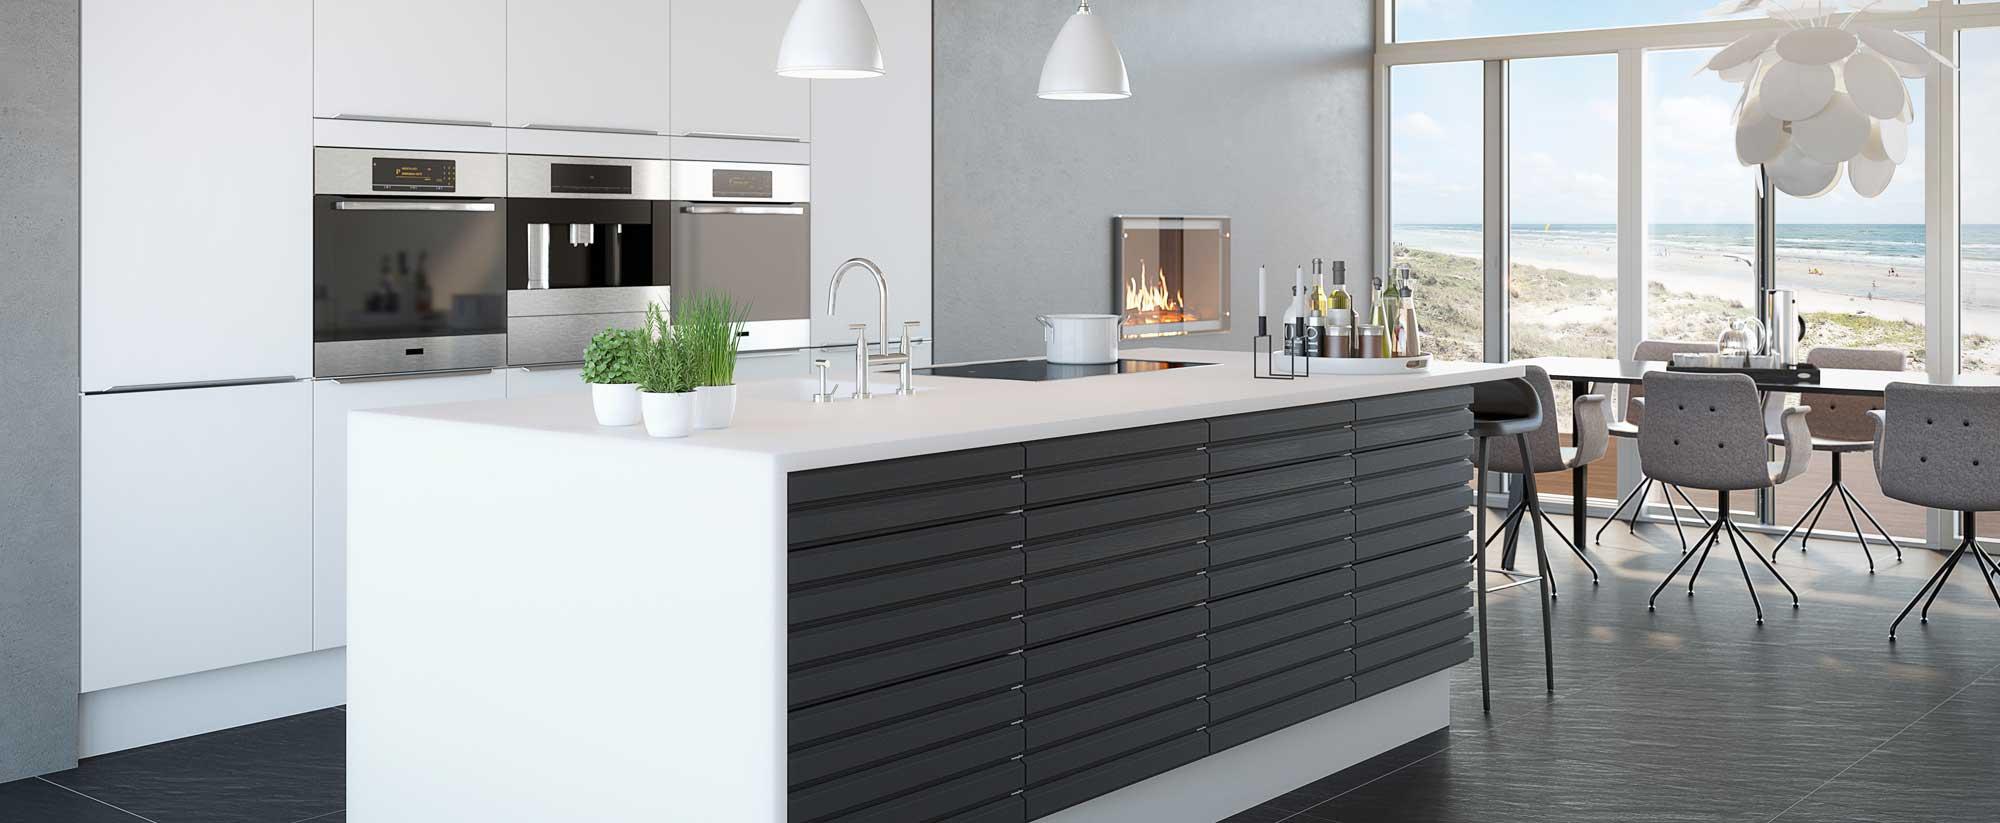 Kimbrer formkøkken - enkelt, stilfuldt, tidløst. Snedkerkøkken, formkøkken, modulkøkken.